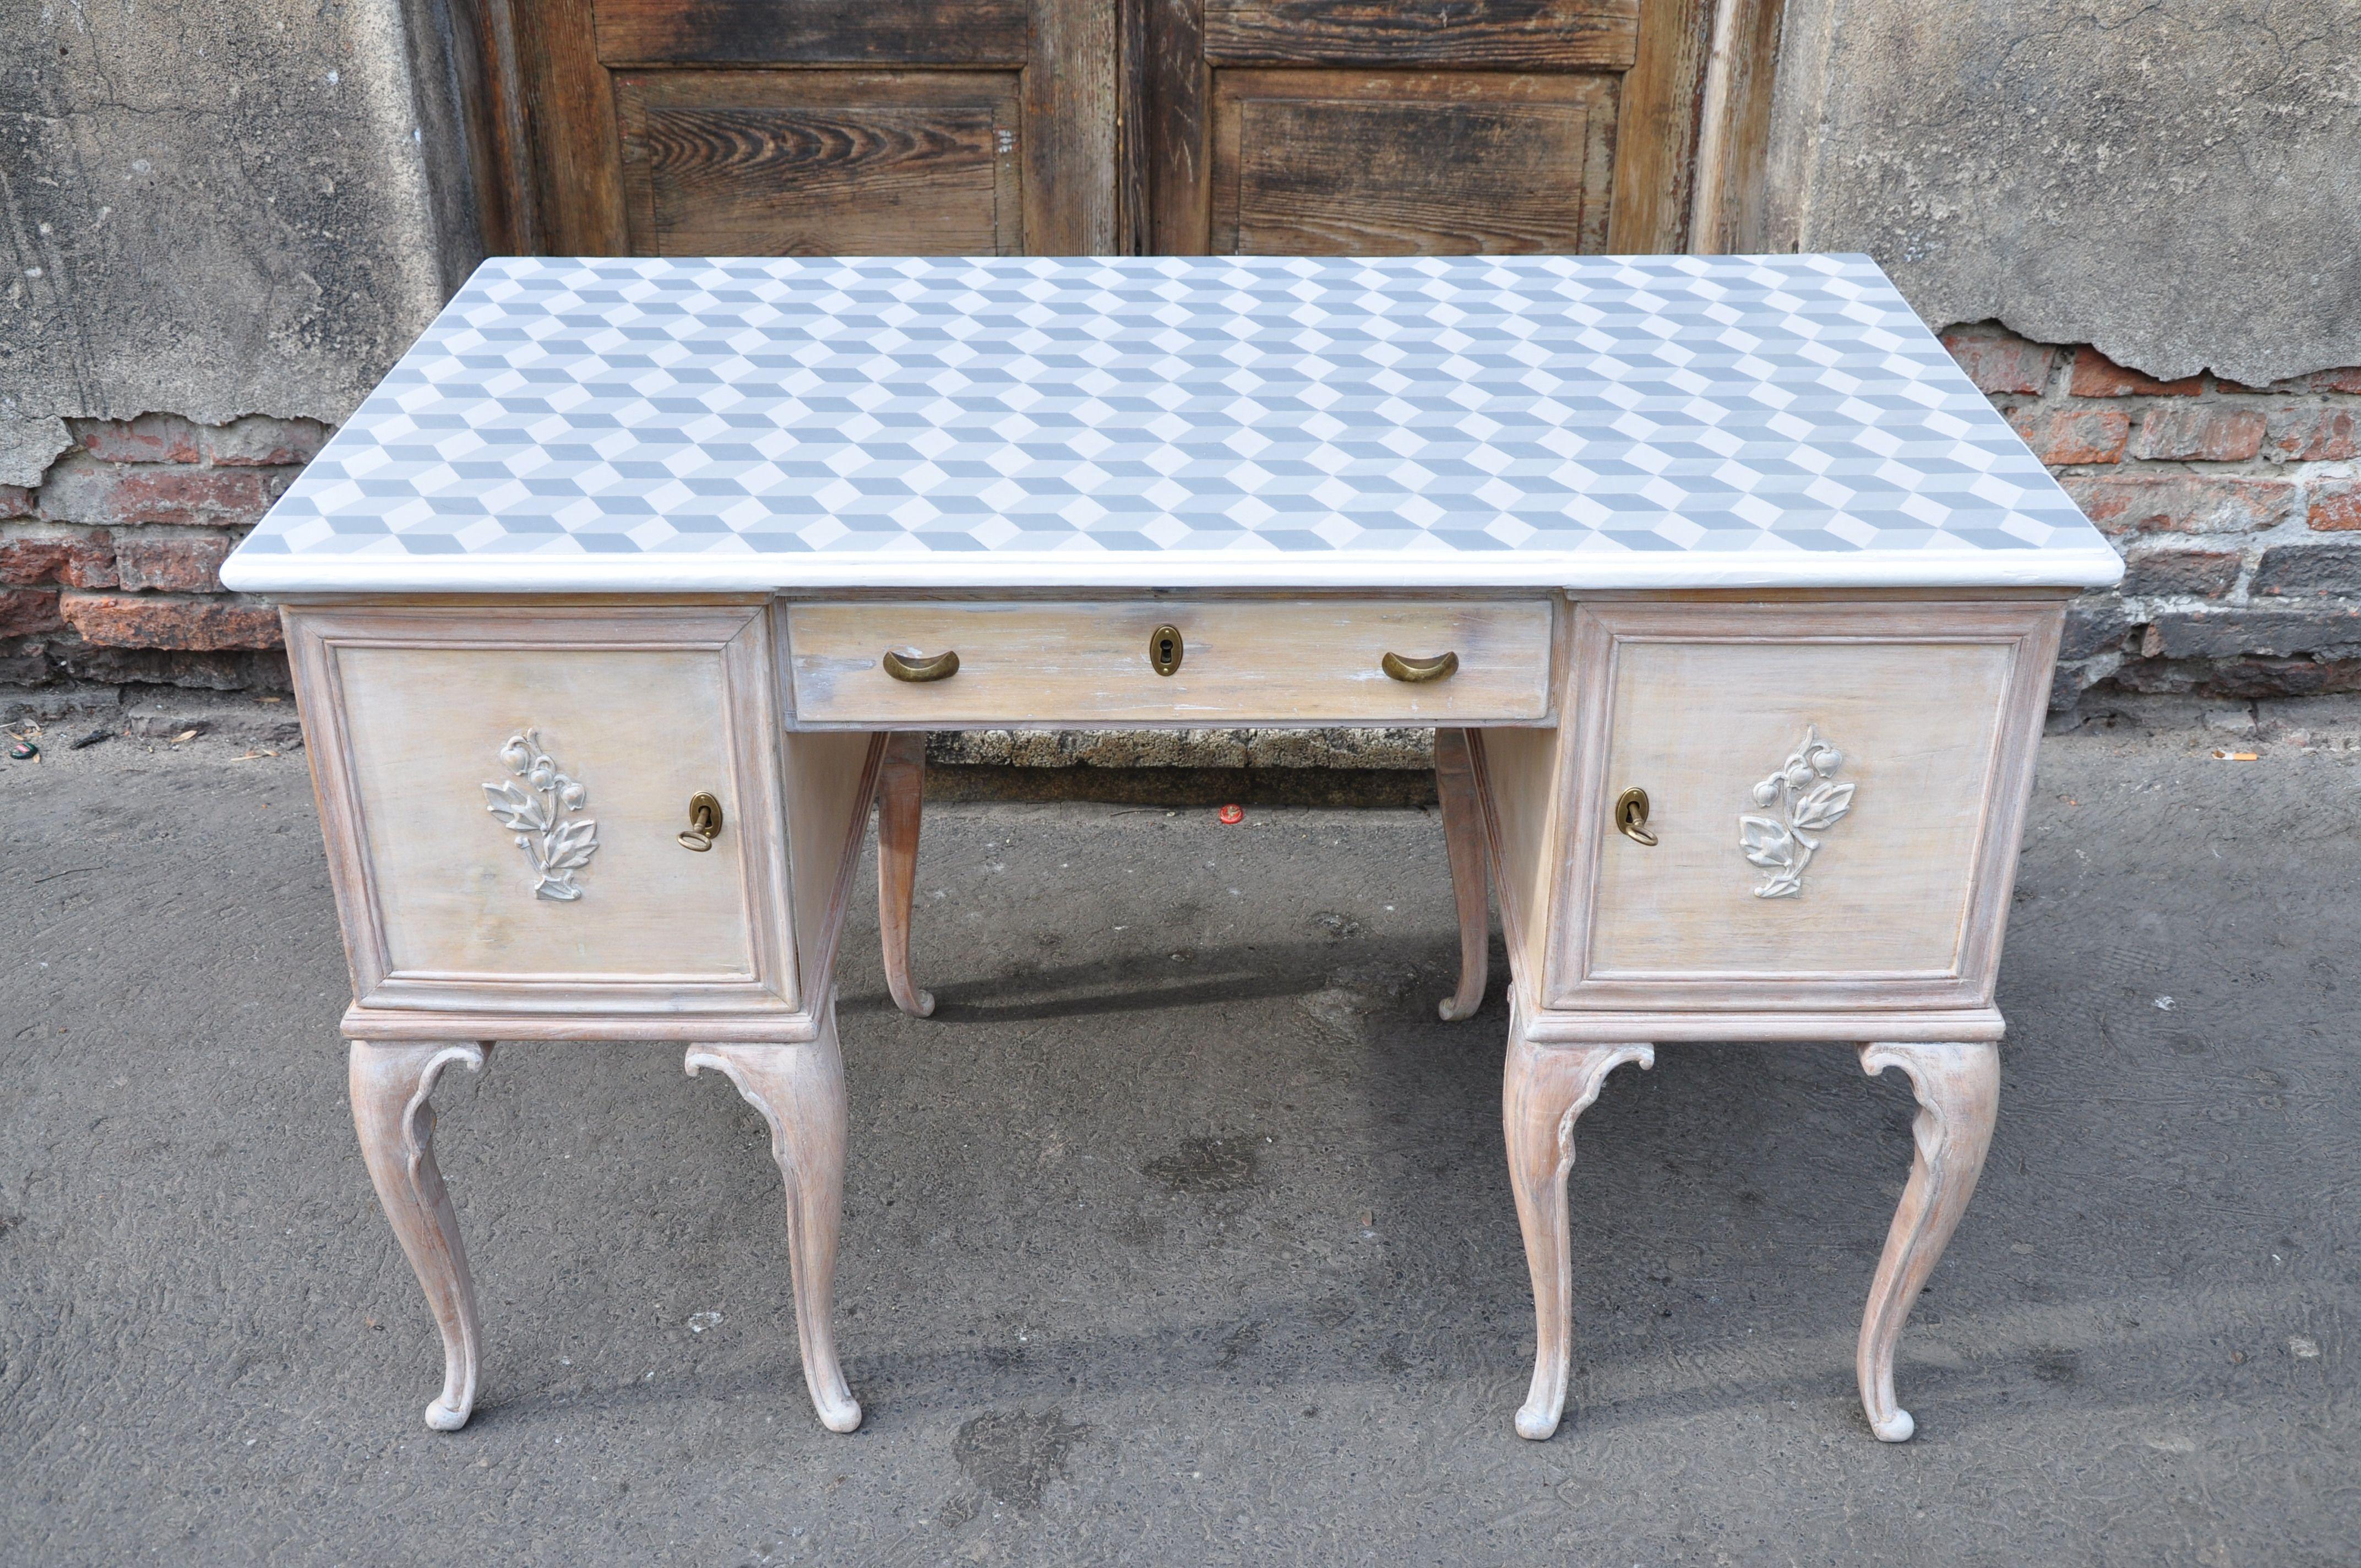 secesyjne biurko z ręcznie malowanym blatem w heksagonalny wzór, drewno wybarwione na biało http://dwiebaby.pl/zrealizowane-projekty/